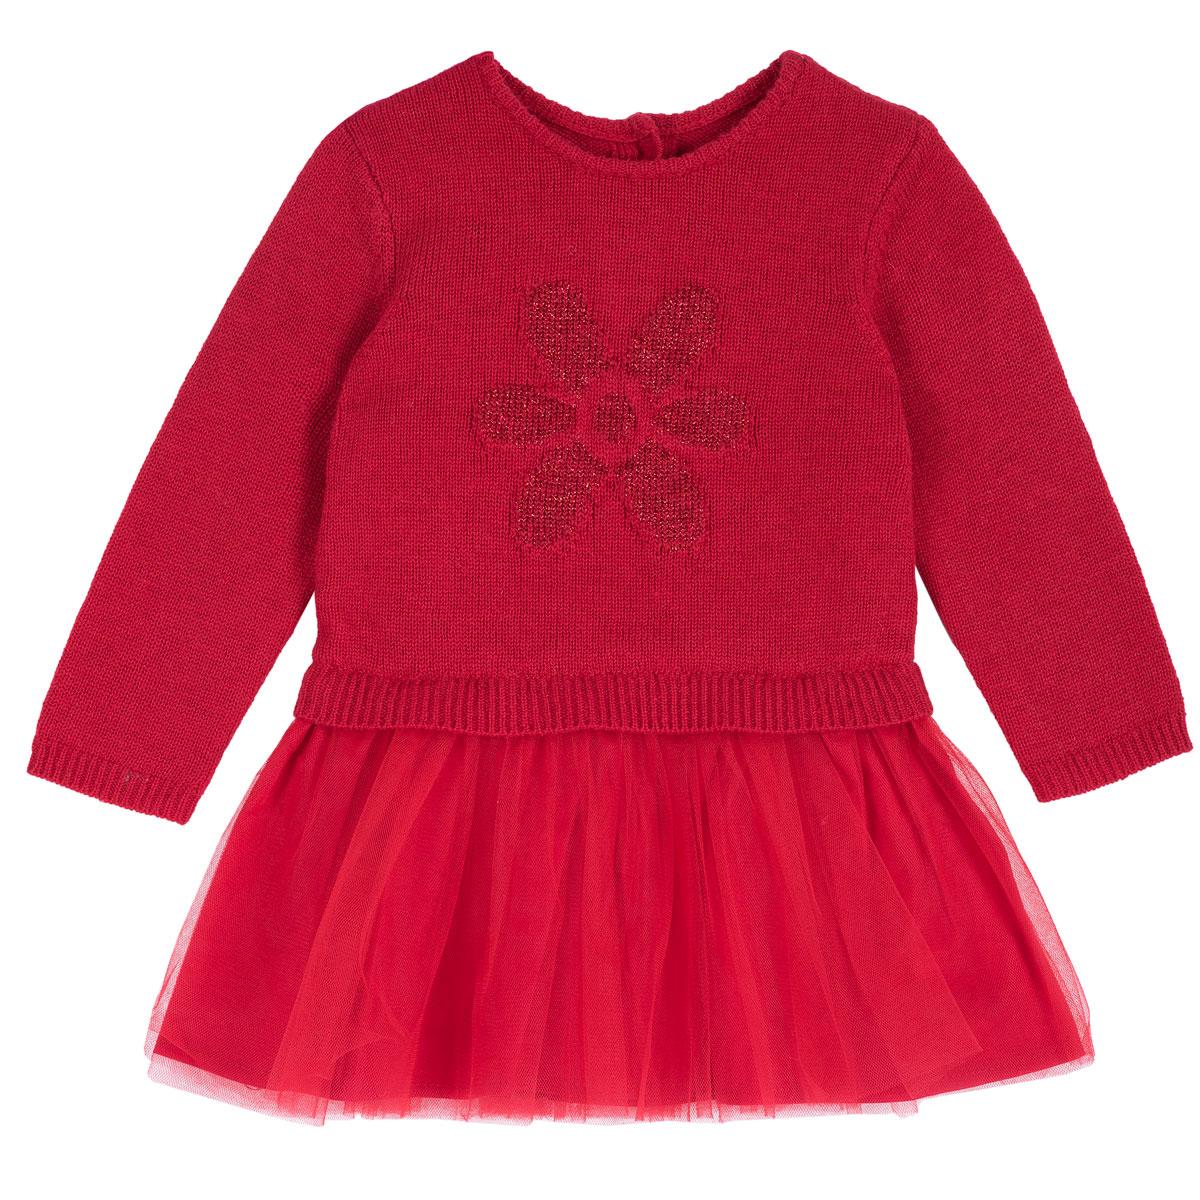 Rochie copii tricotata Chicco, rosu cu model, 03534 din categoria Rochii, Fuste